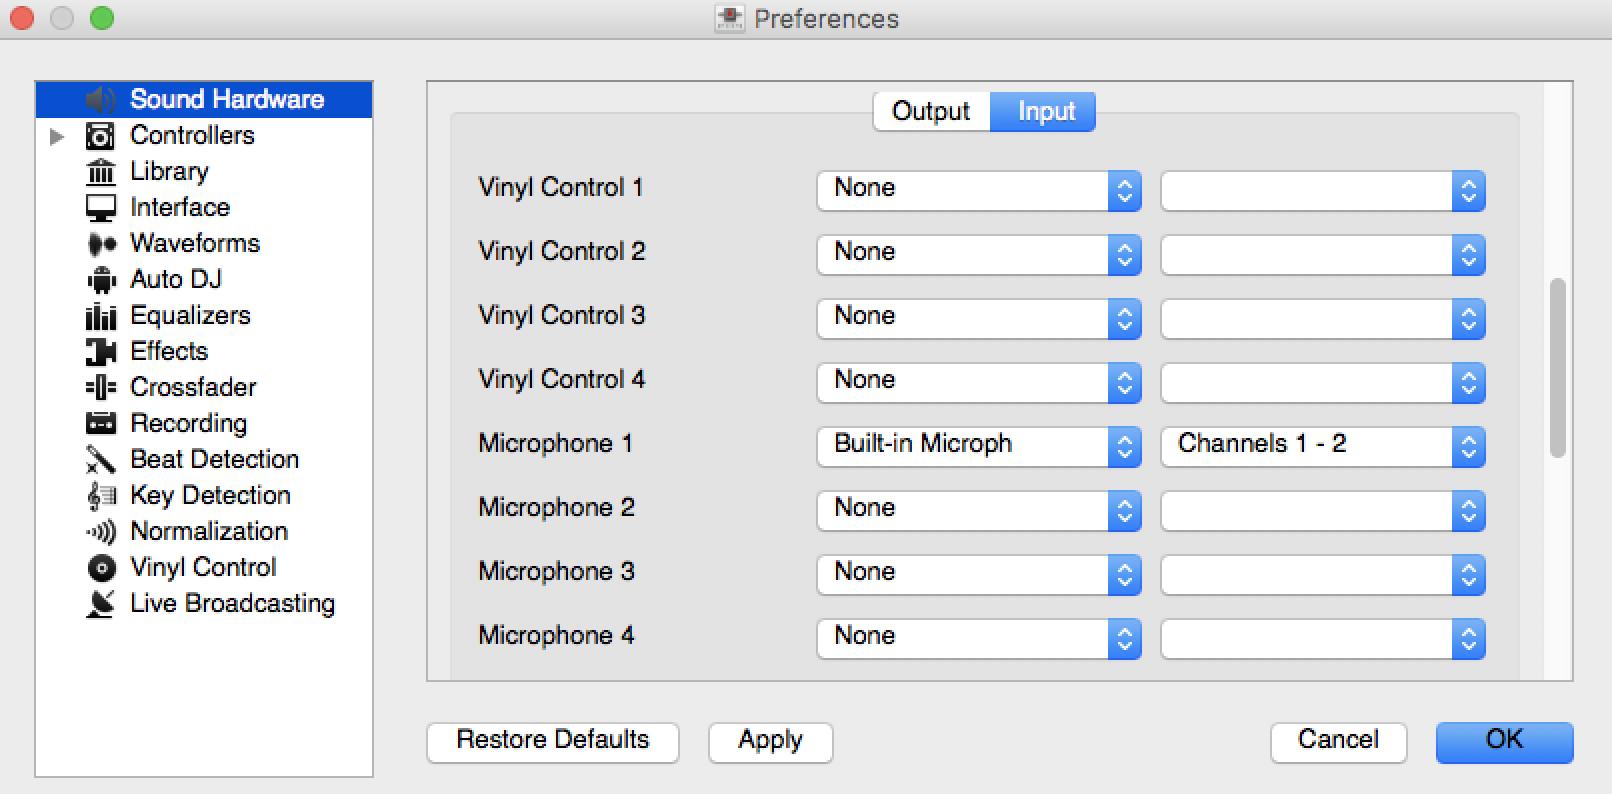 Mixxx preferences.